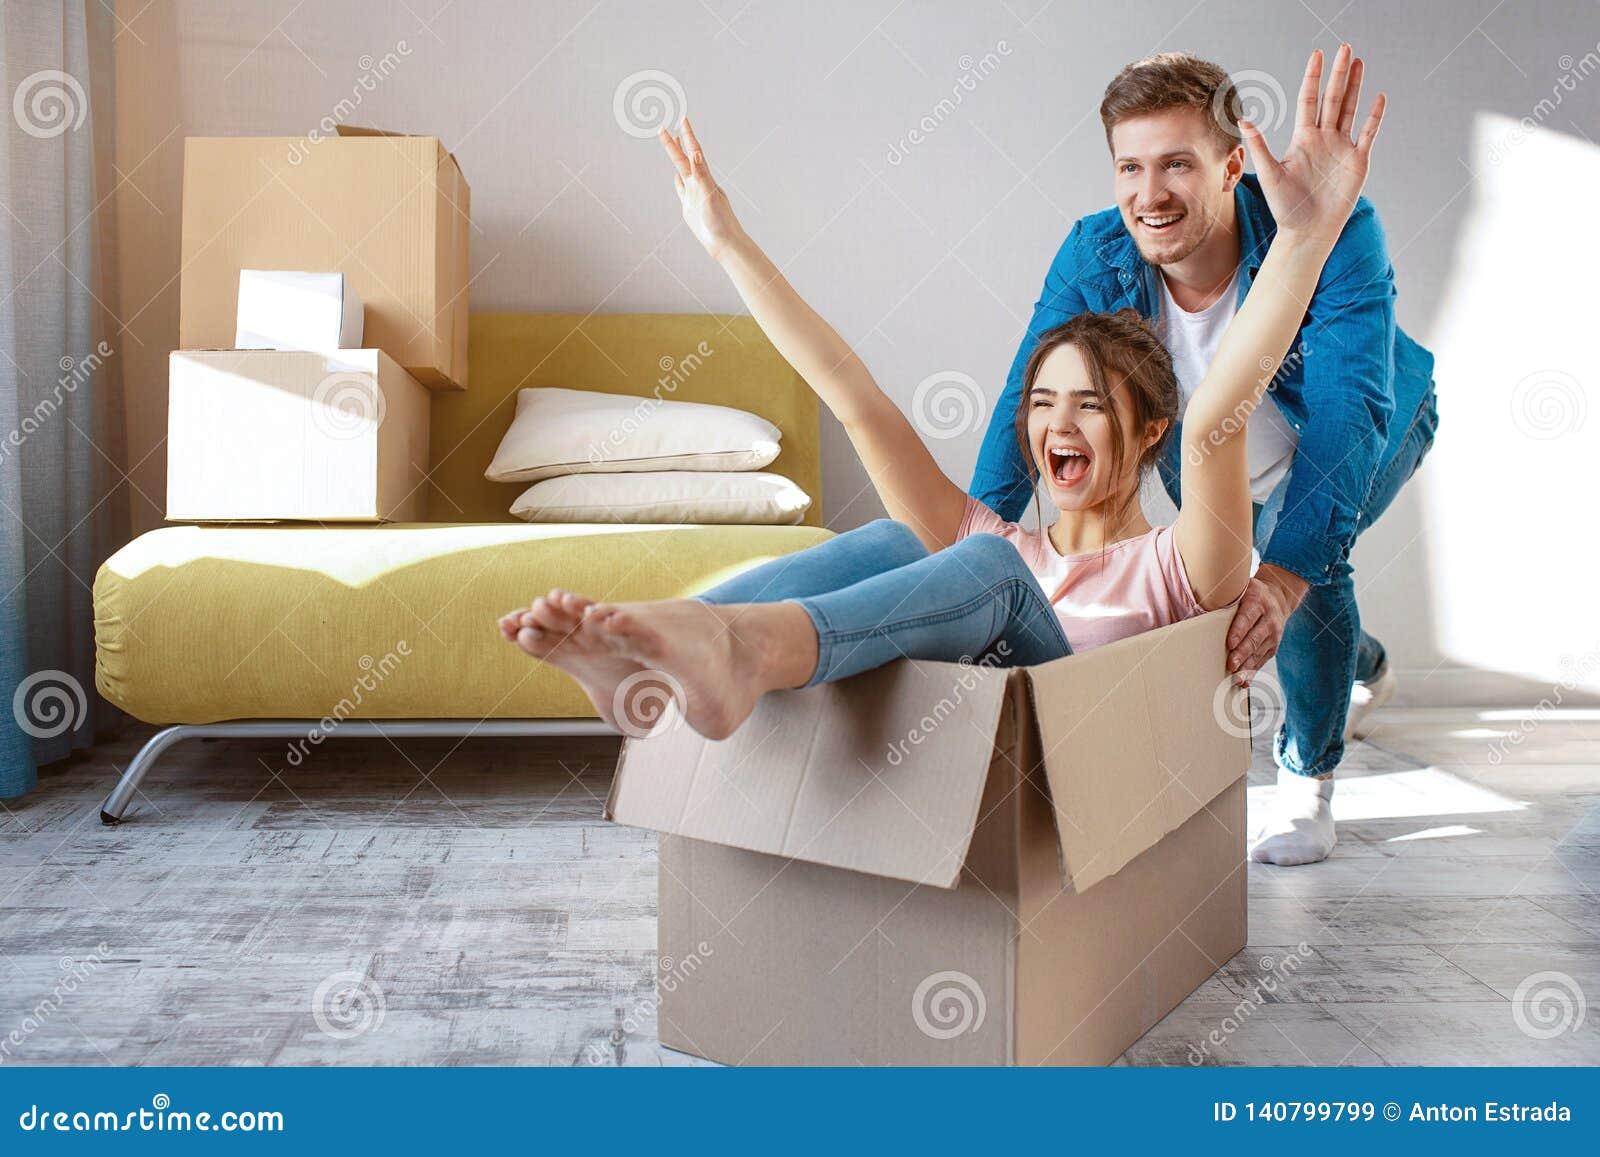 Unga familjpar köpte eller hyrde deras första lilla lägenhet Gladlynt lyckligt folk som har gyckel Hon sitter i ask och